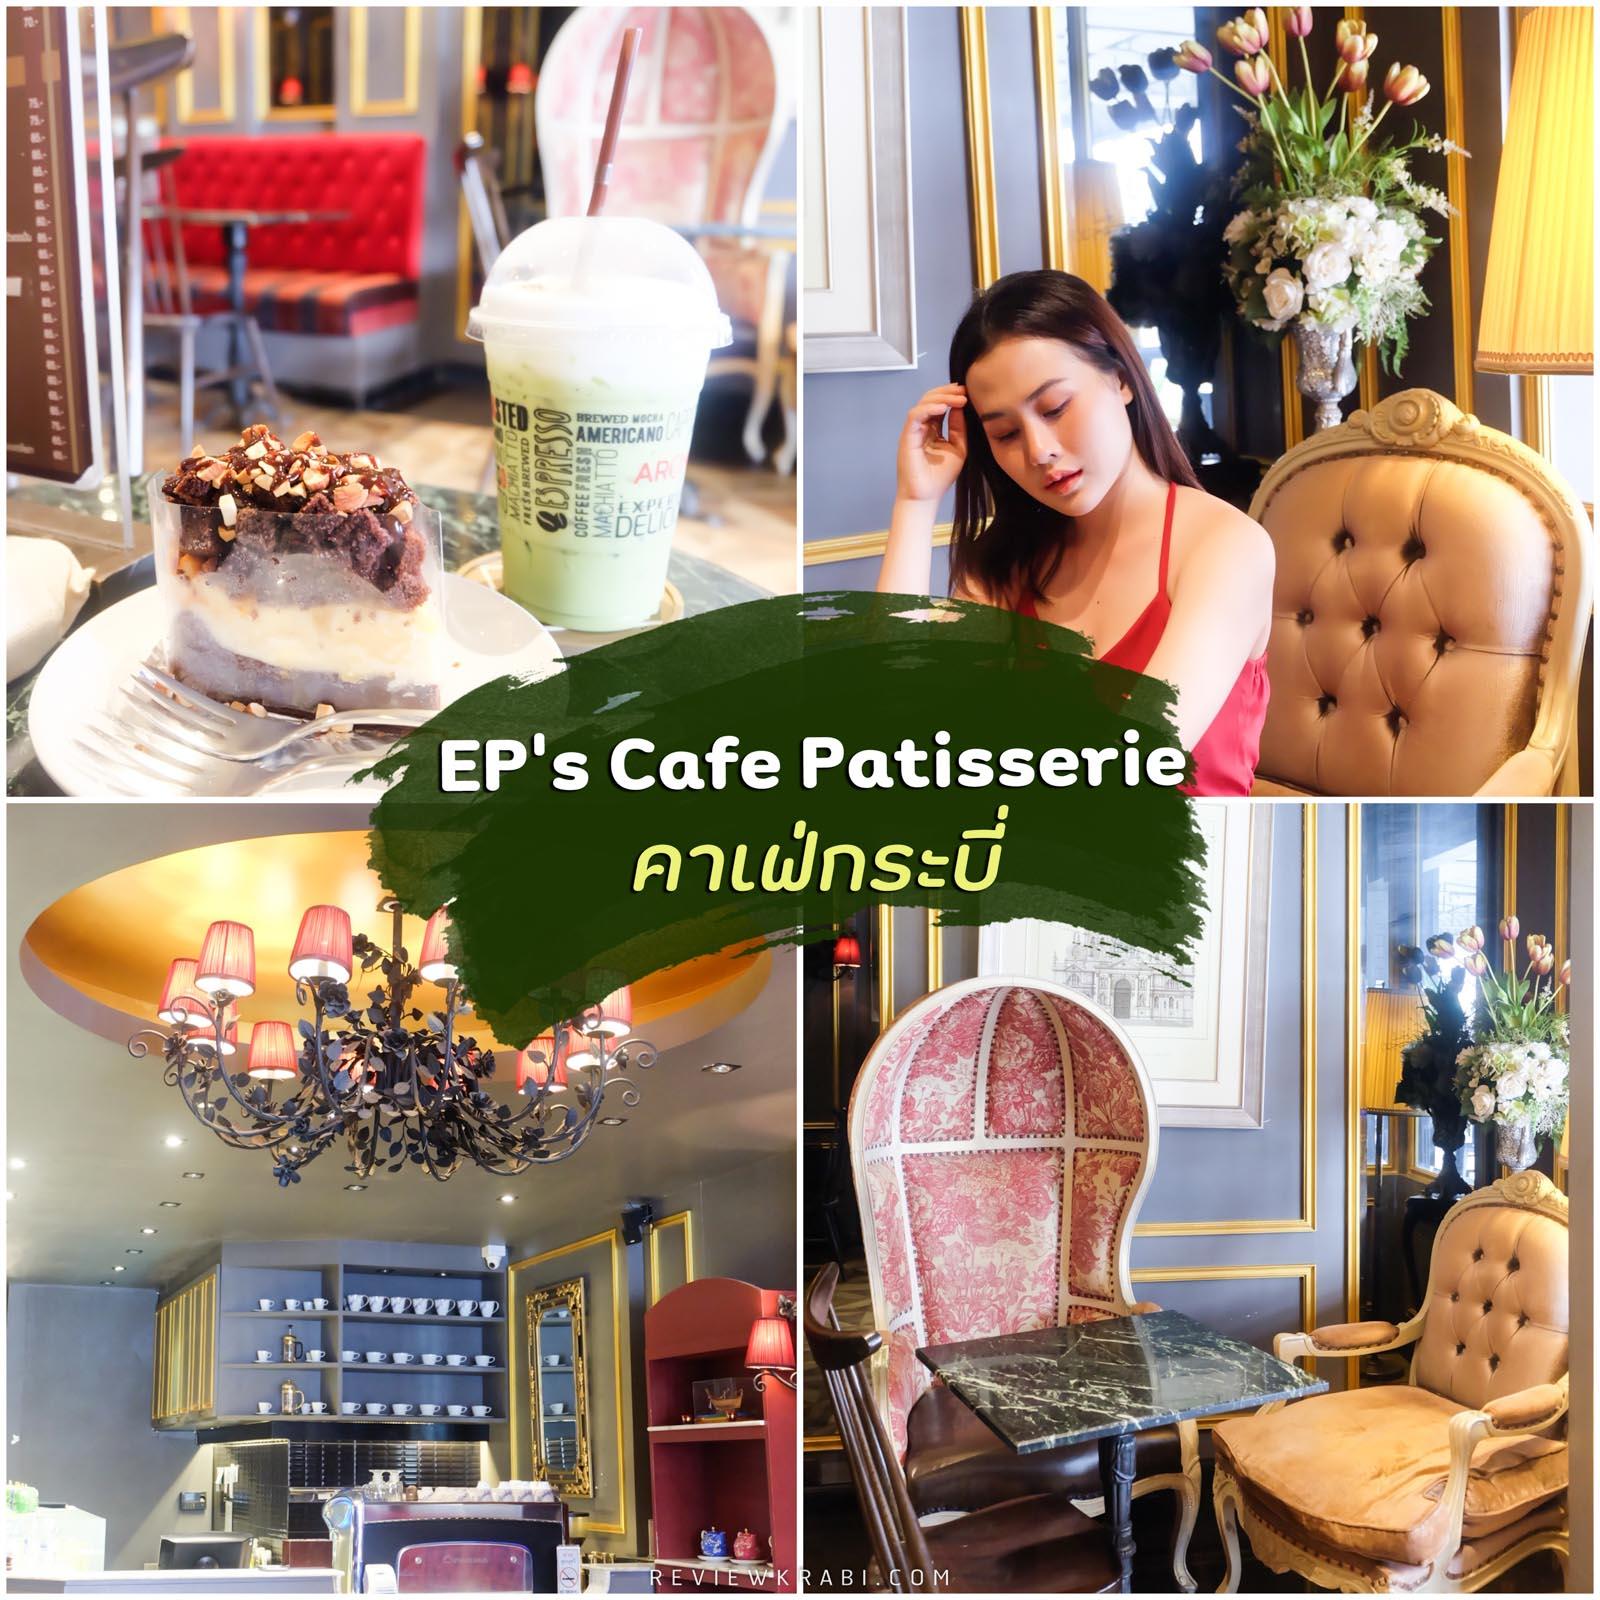 ปักหมุดเช็คอิน EP's Cafe' patisserie ร้านเรียบหรู มีสไตล์  ราคาไม่แพงสบายกระเป๋า